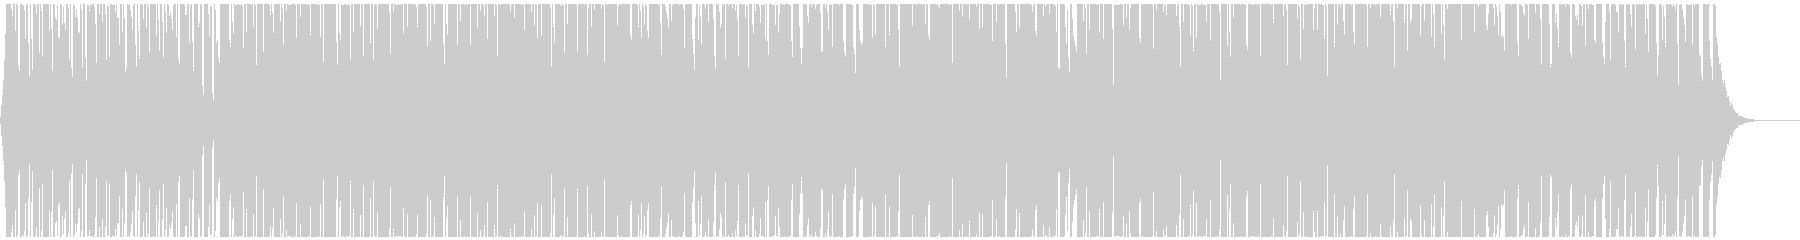 明るいリズミカルテクノポップ CM・映像の未再生の波形